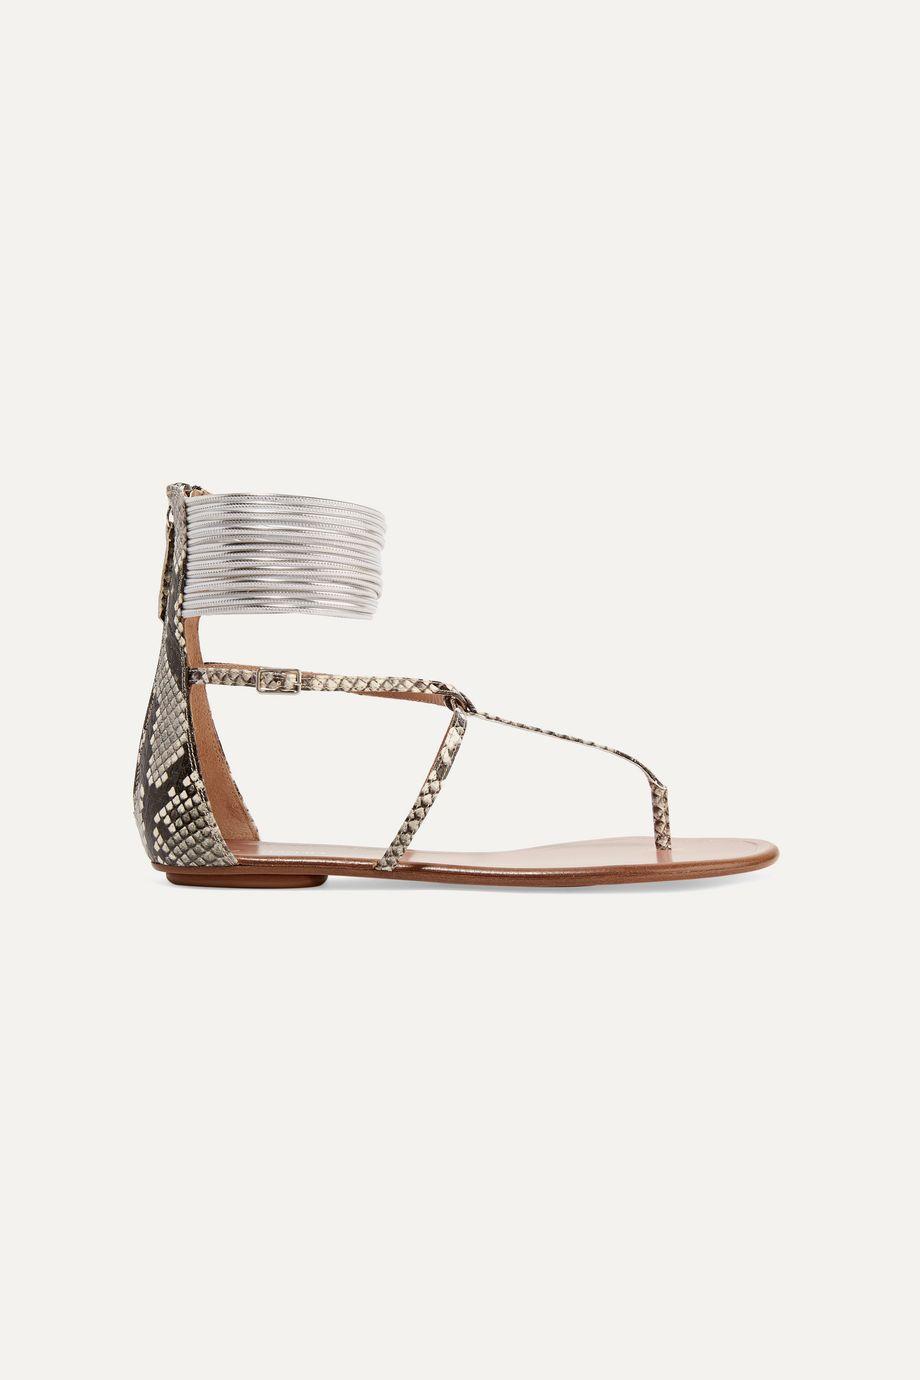 Aquazzura Spin Me Around elaphe sandals